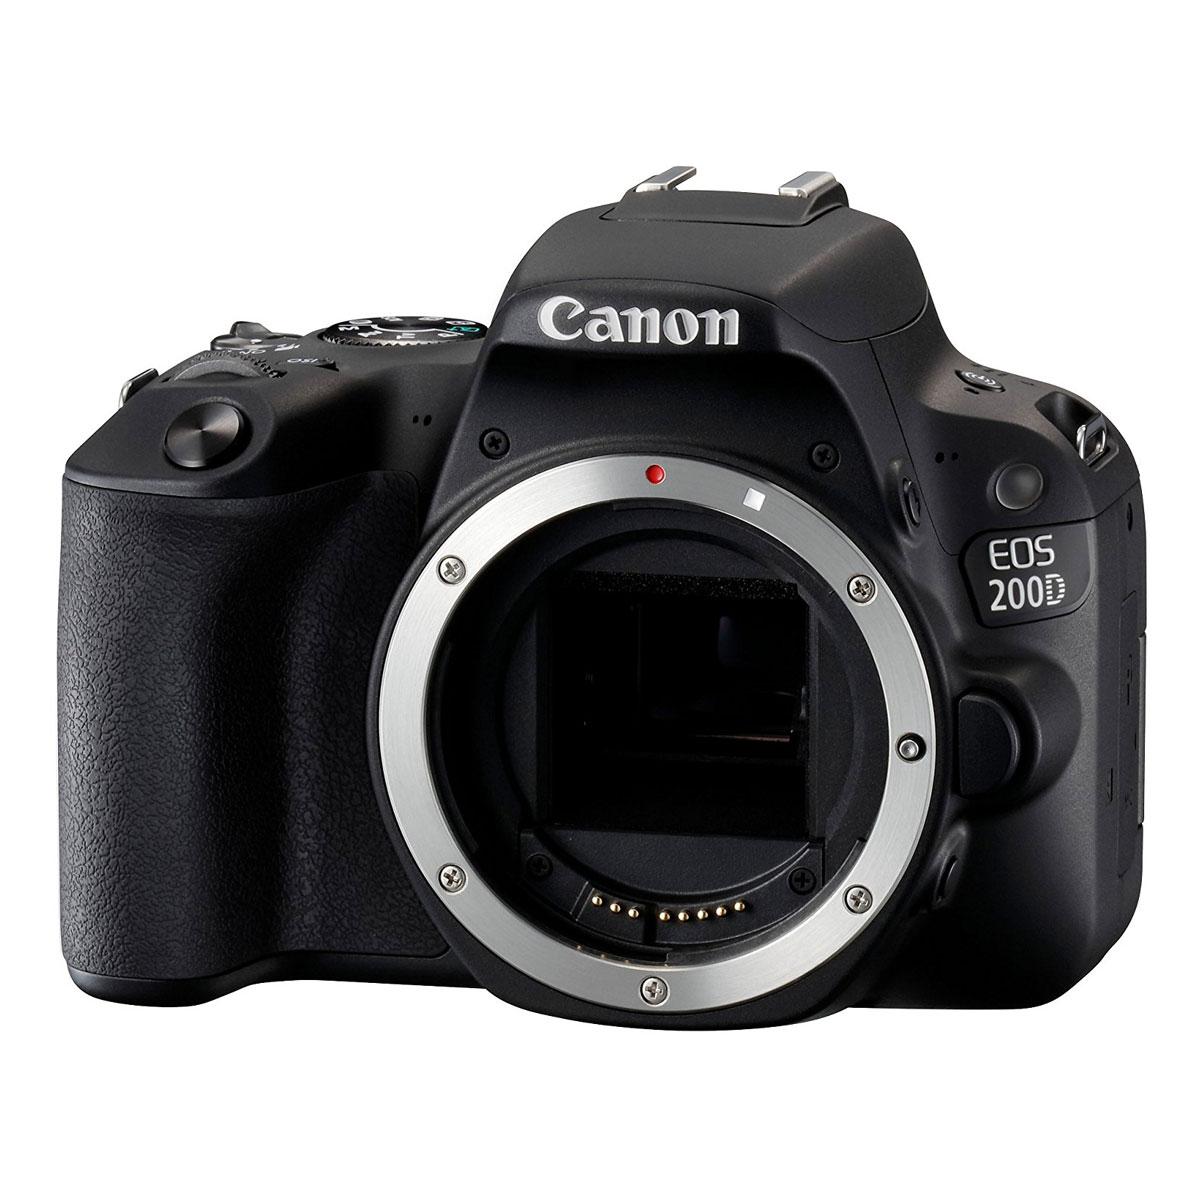 canon eos 200d appareil photo reflex canon sur. Black Bedroom Furniture Sets. Home Design Ideas